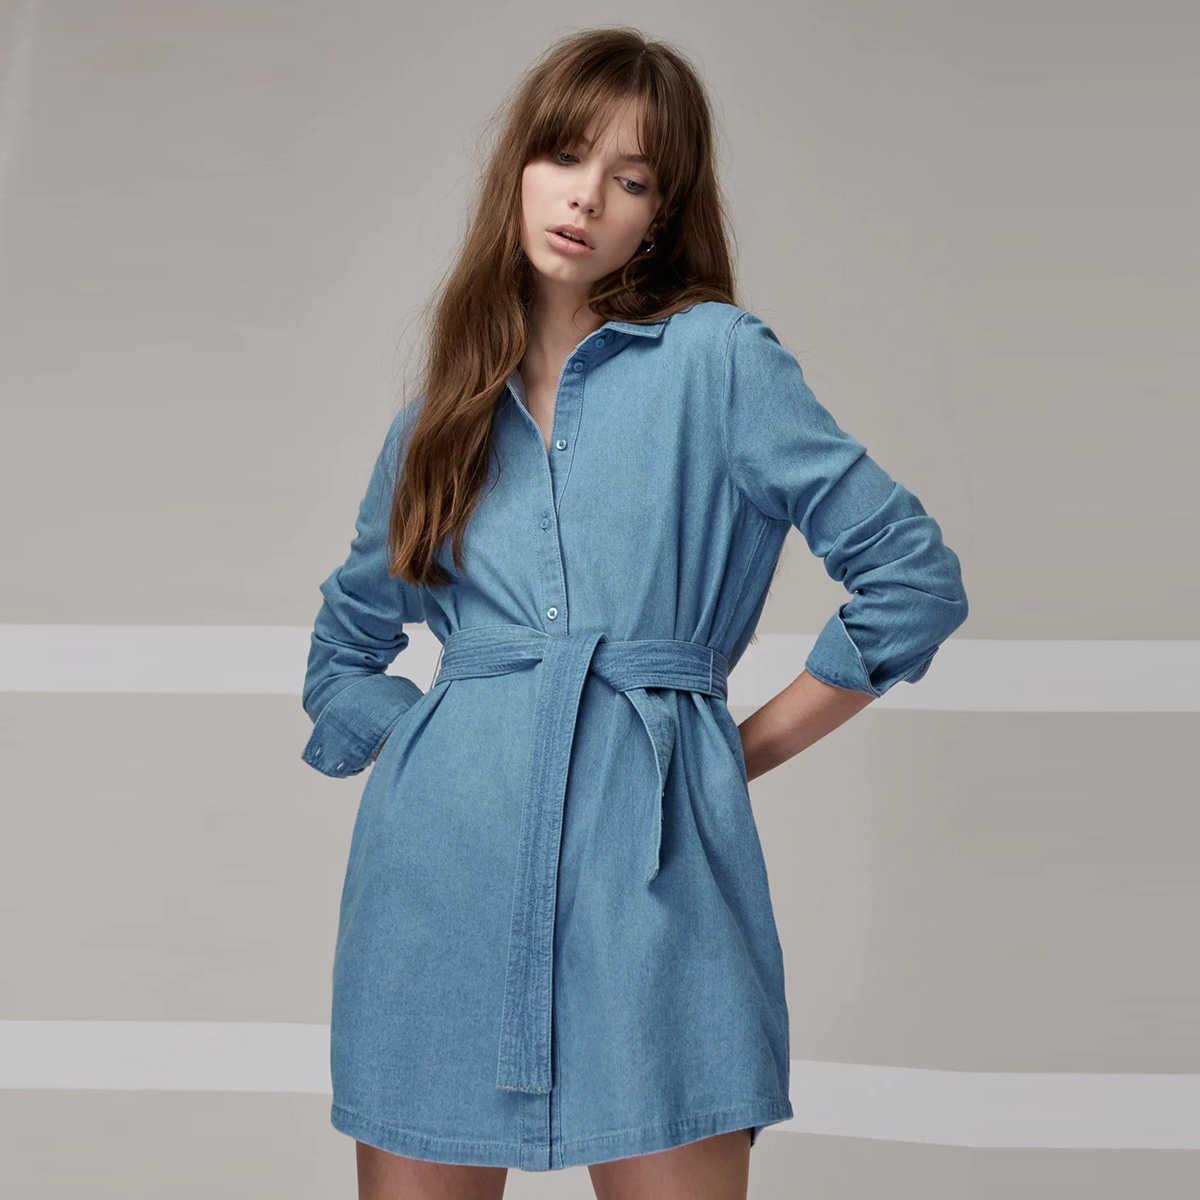 HDY Haoduoyi женское Новое модное платье с длинными рукавами однотонное синее простое платье с бабочкой и пуговицами Элегантное повседневное стильное джинсовое платье